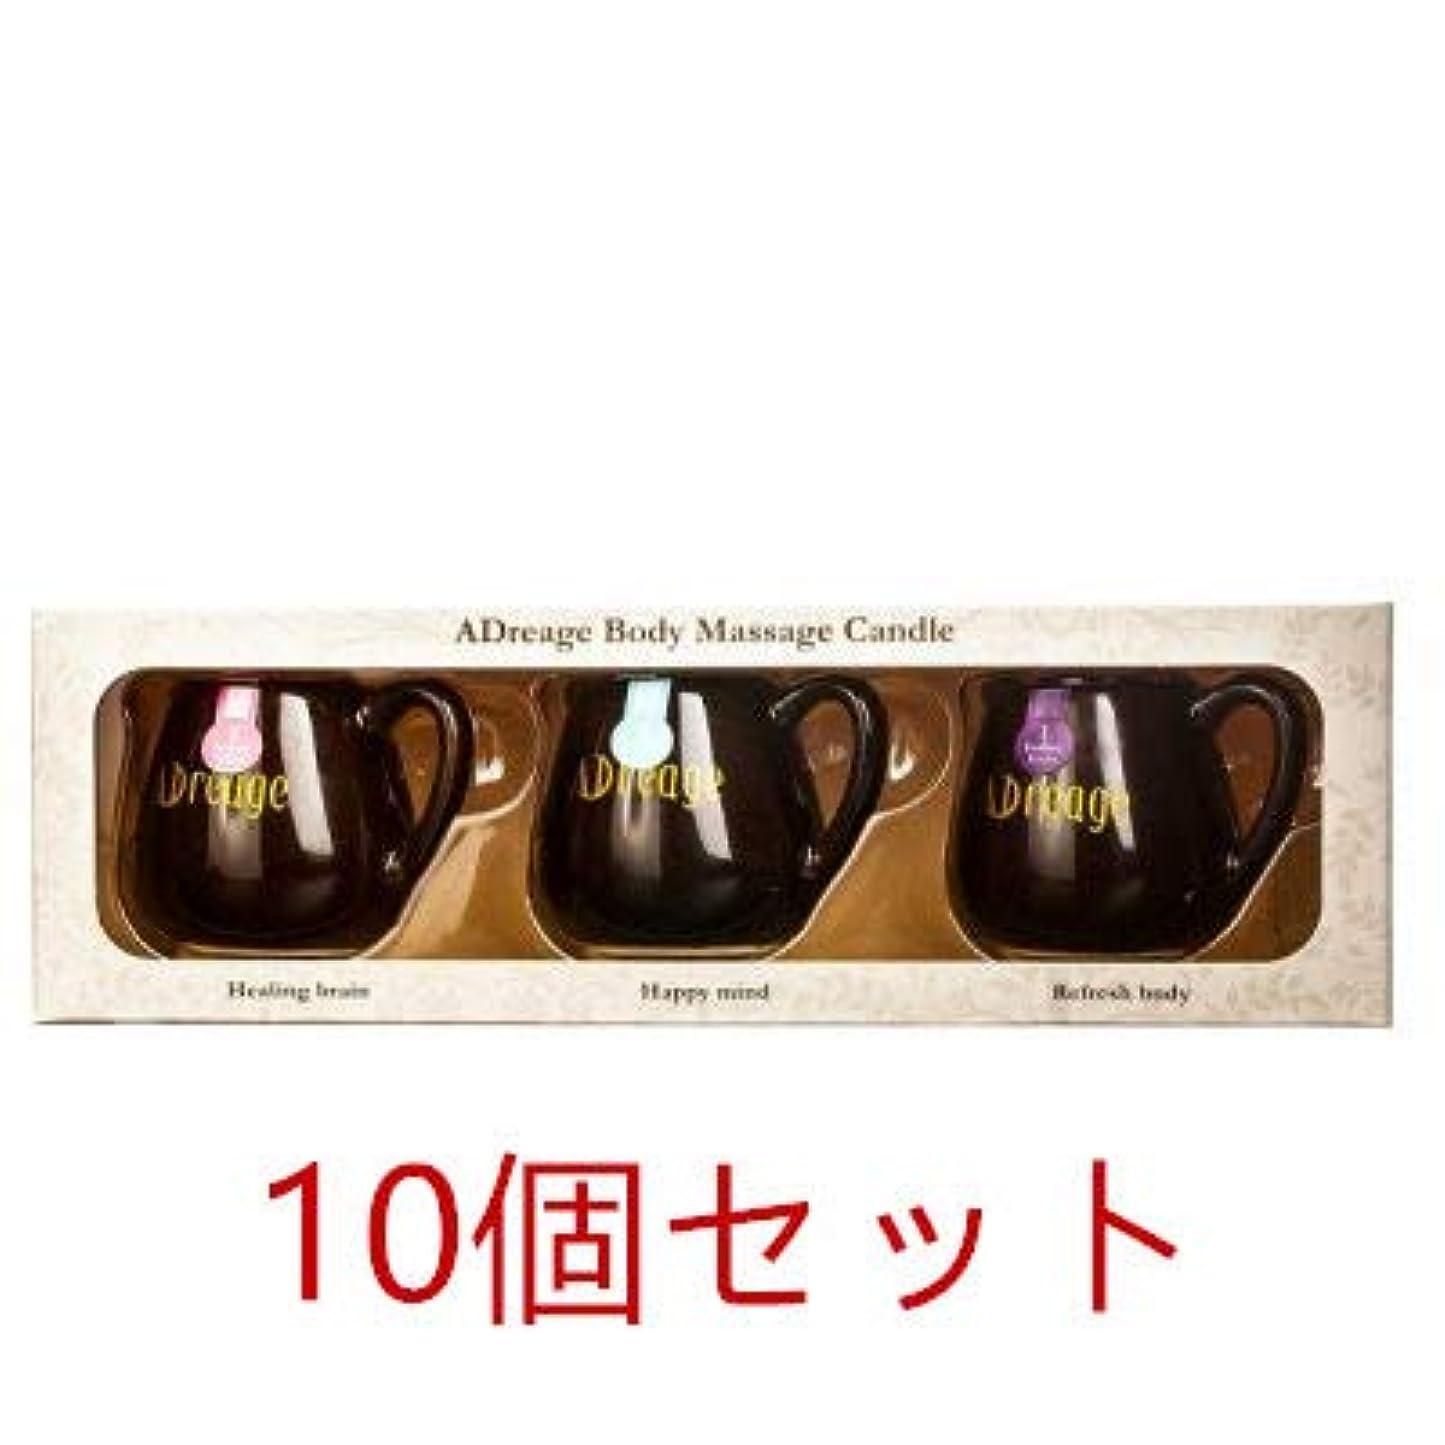 感情反映するドライブSAKURA LOVE Aroma Candle【アドレアージュ キャンドルミニセット】10個セット